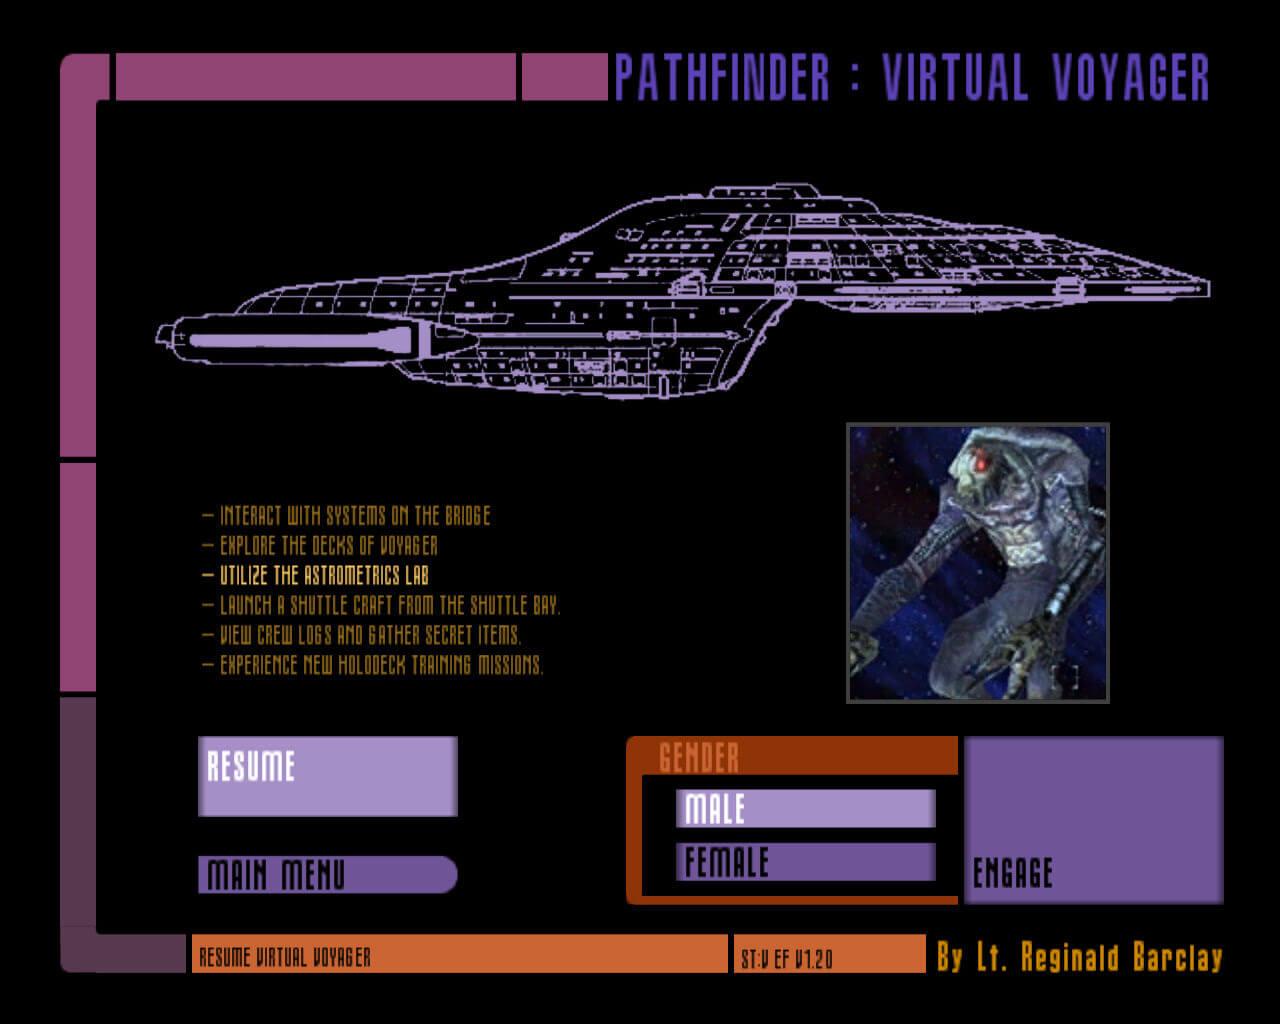 Download Star Trek: Voyager - Elite Force expansion pack